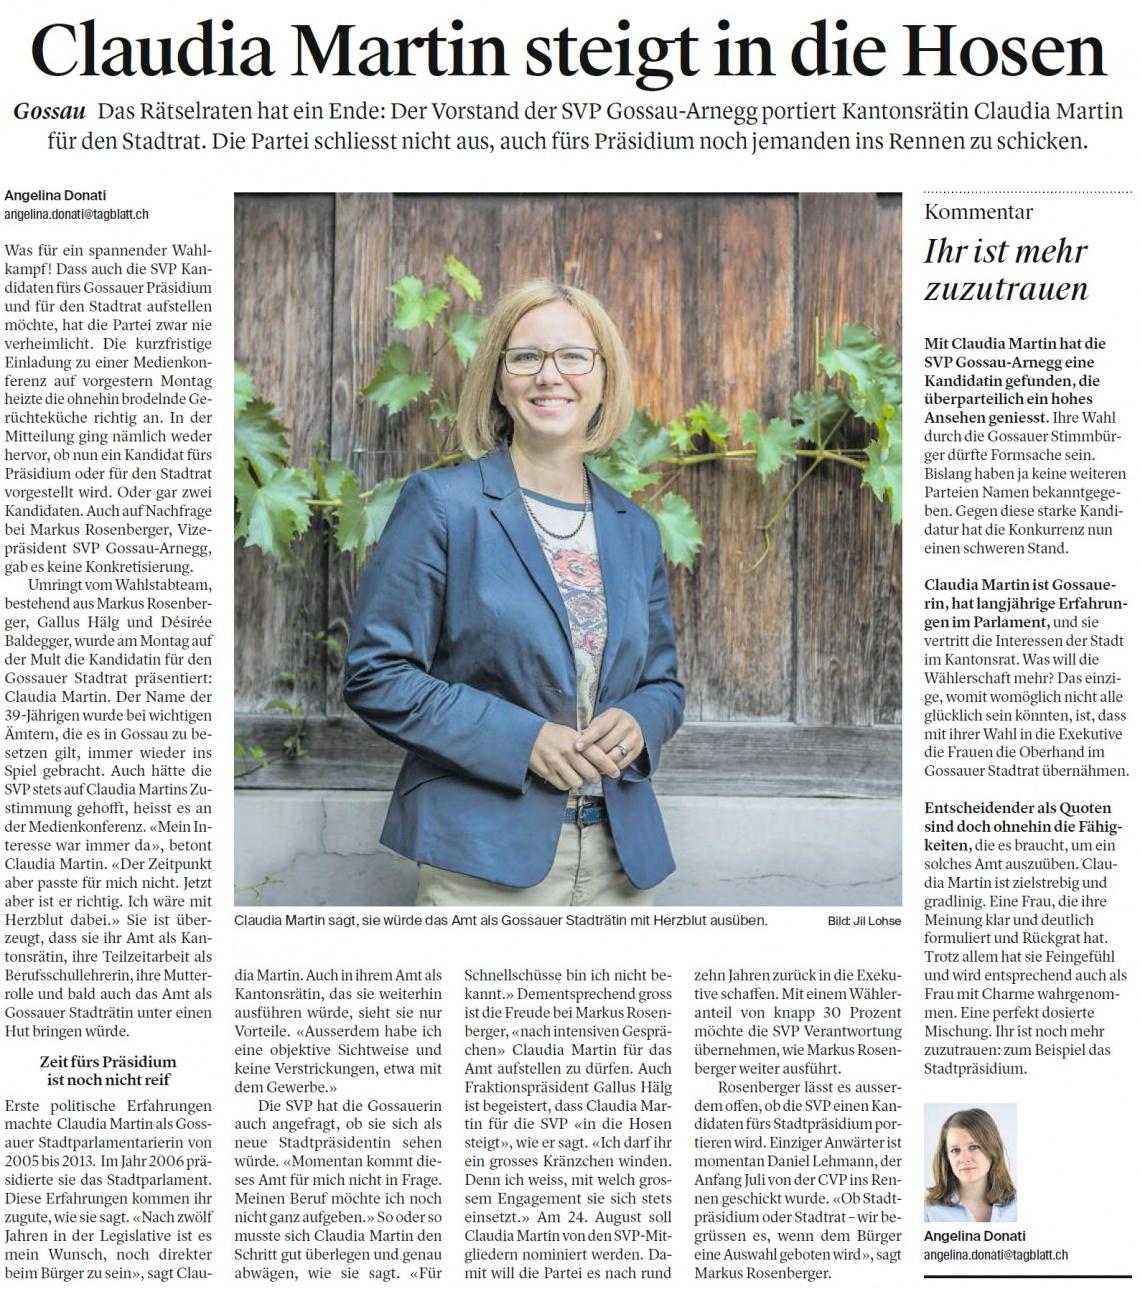 Claudia Martin steigt in die Hosen (Mittwoch, 02.08.2017)